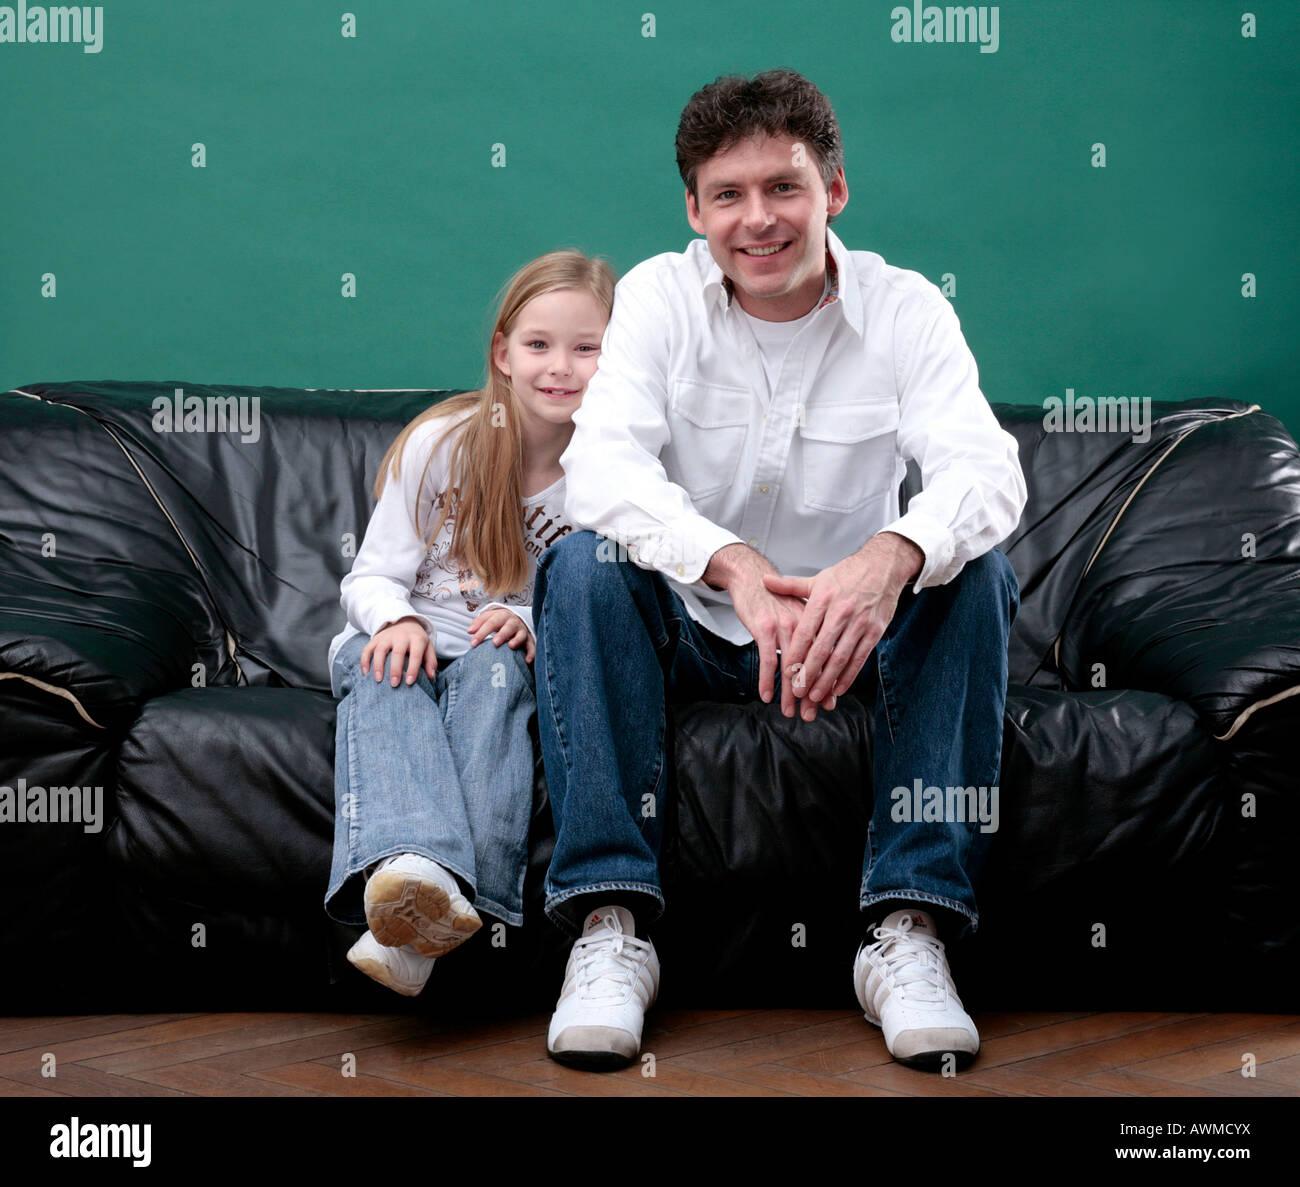 Vater und Tochter auf der Couch entspannen Stockfoto